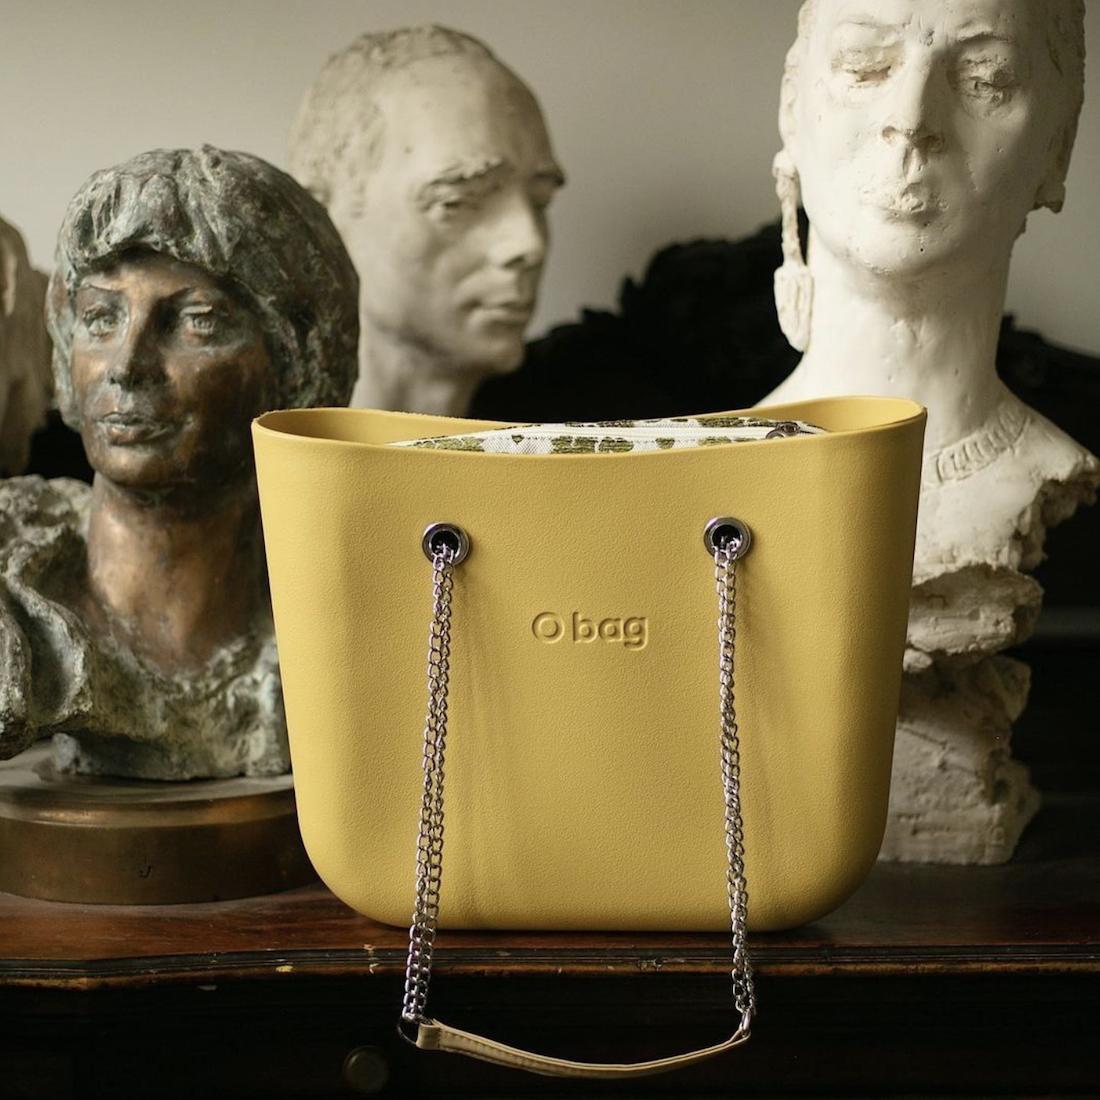 O Bag @ Venturini & Maselli